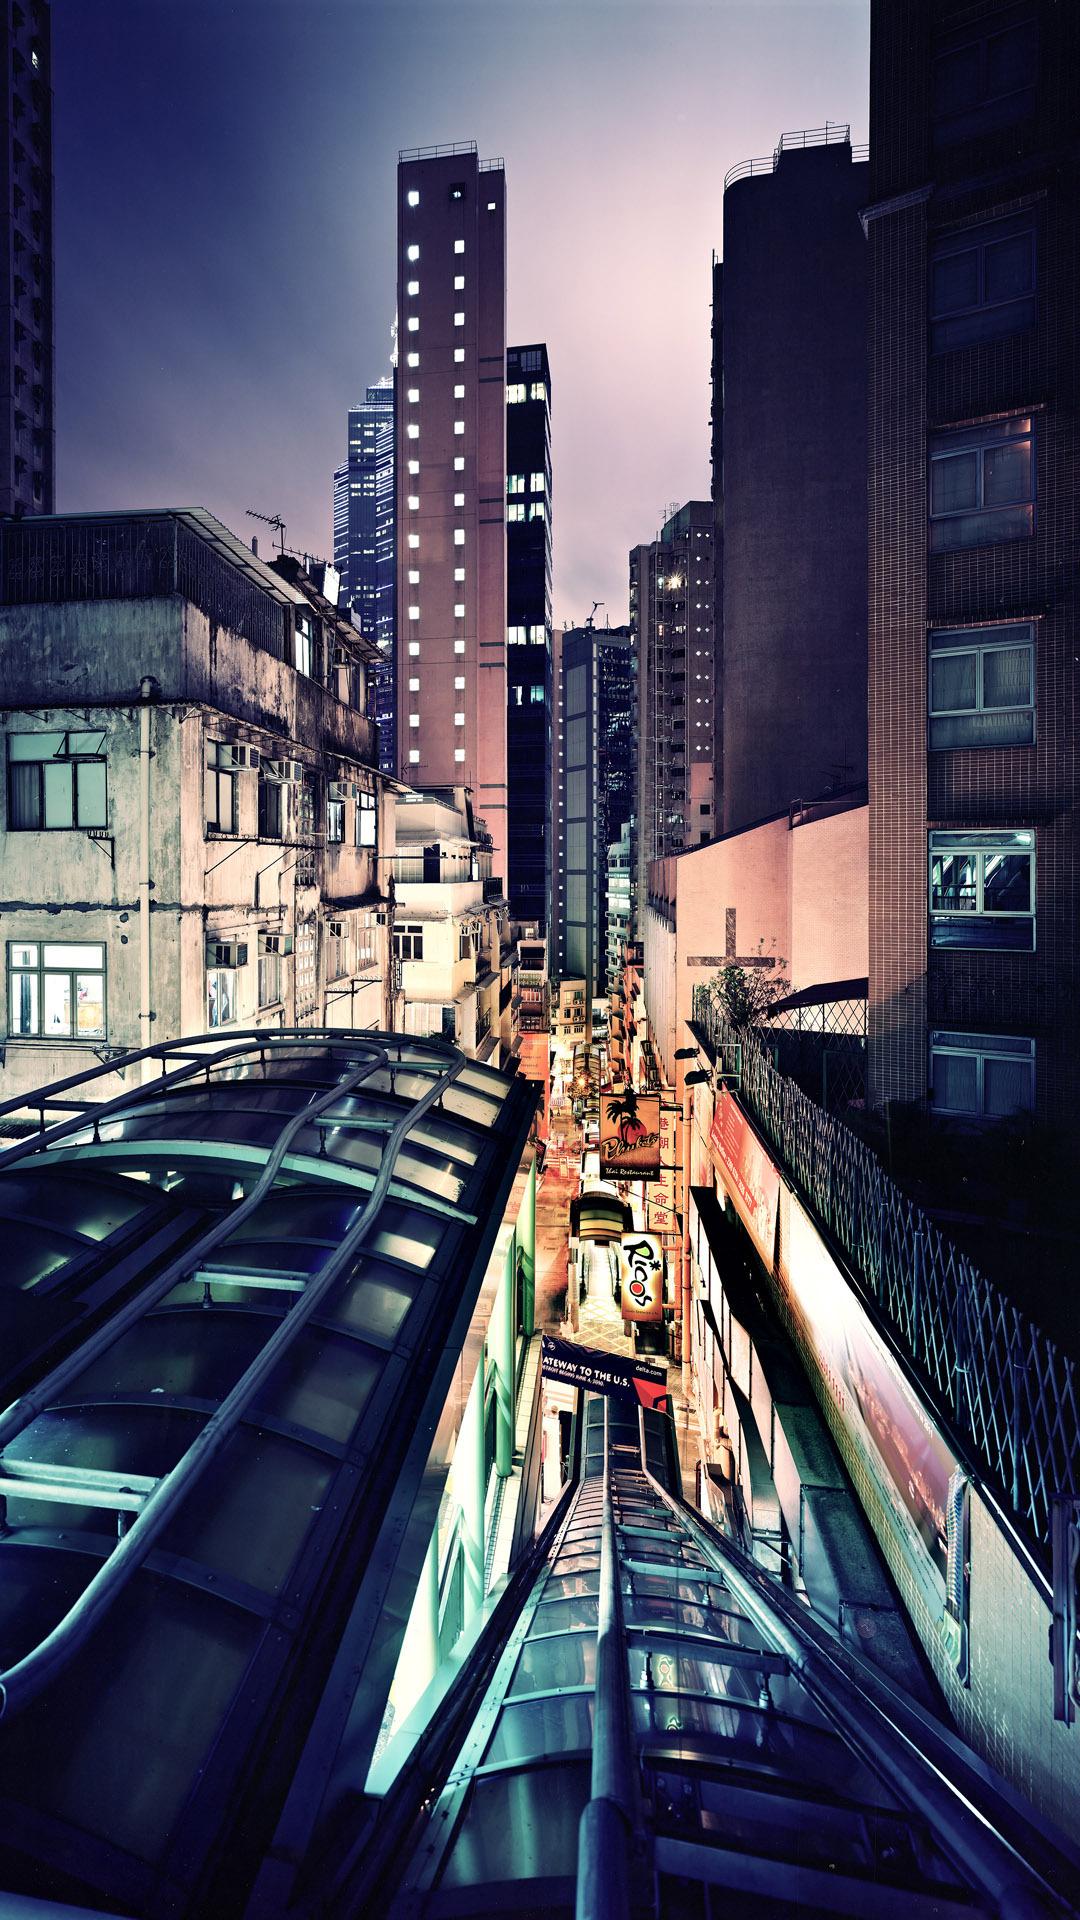 Night in Hong Kong